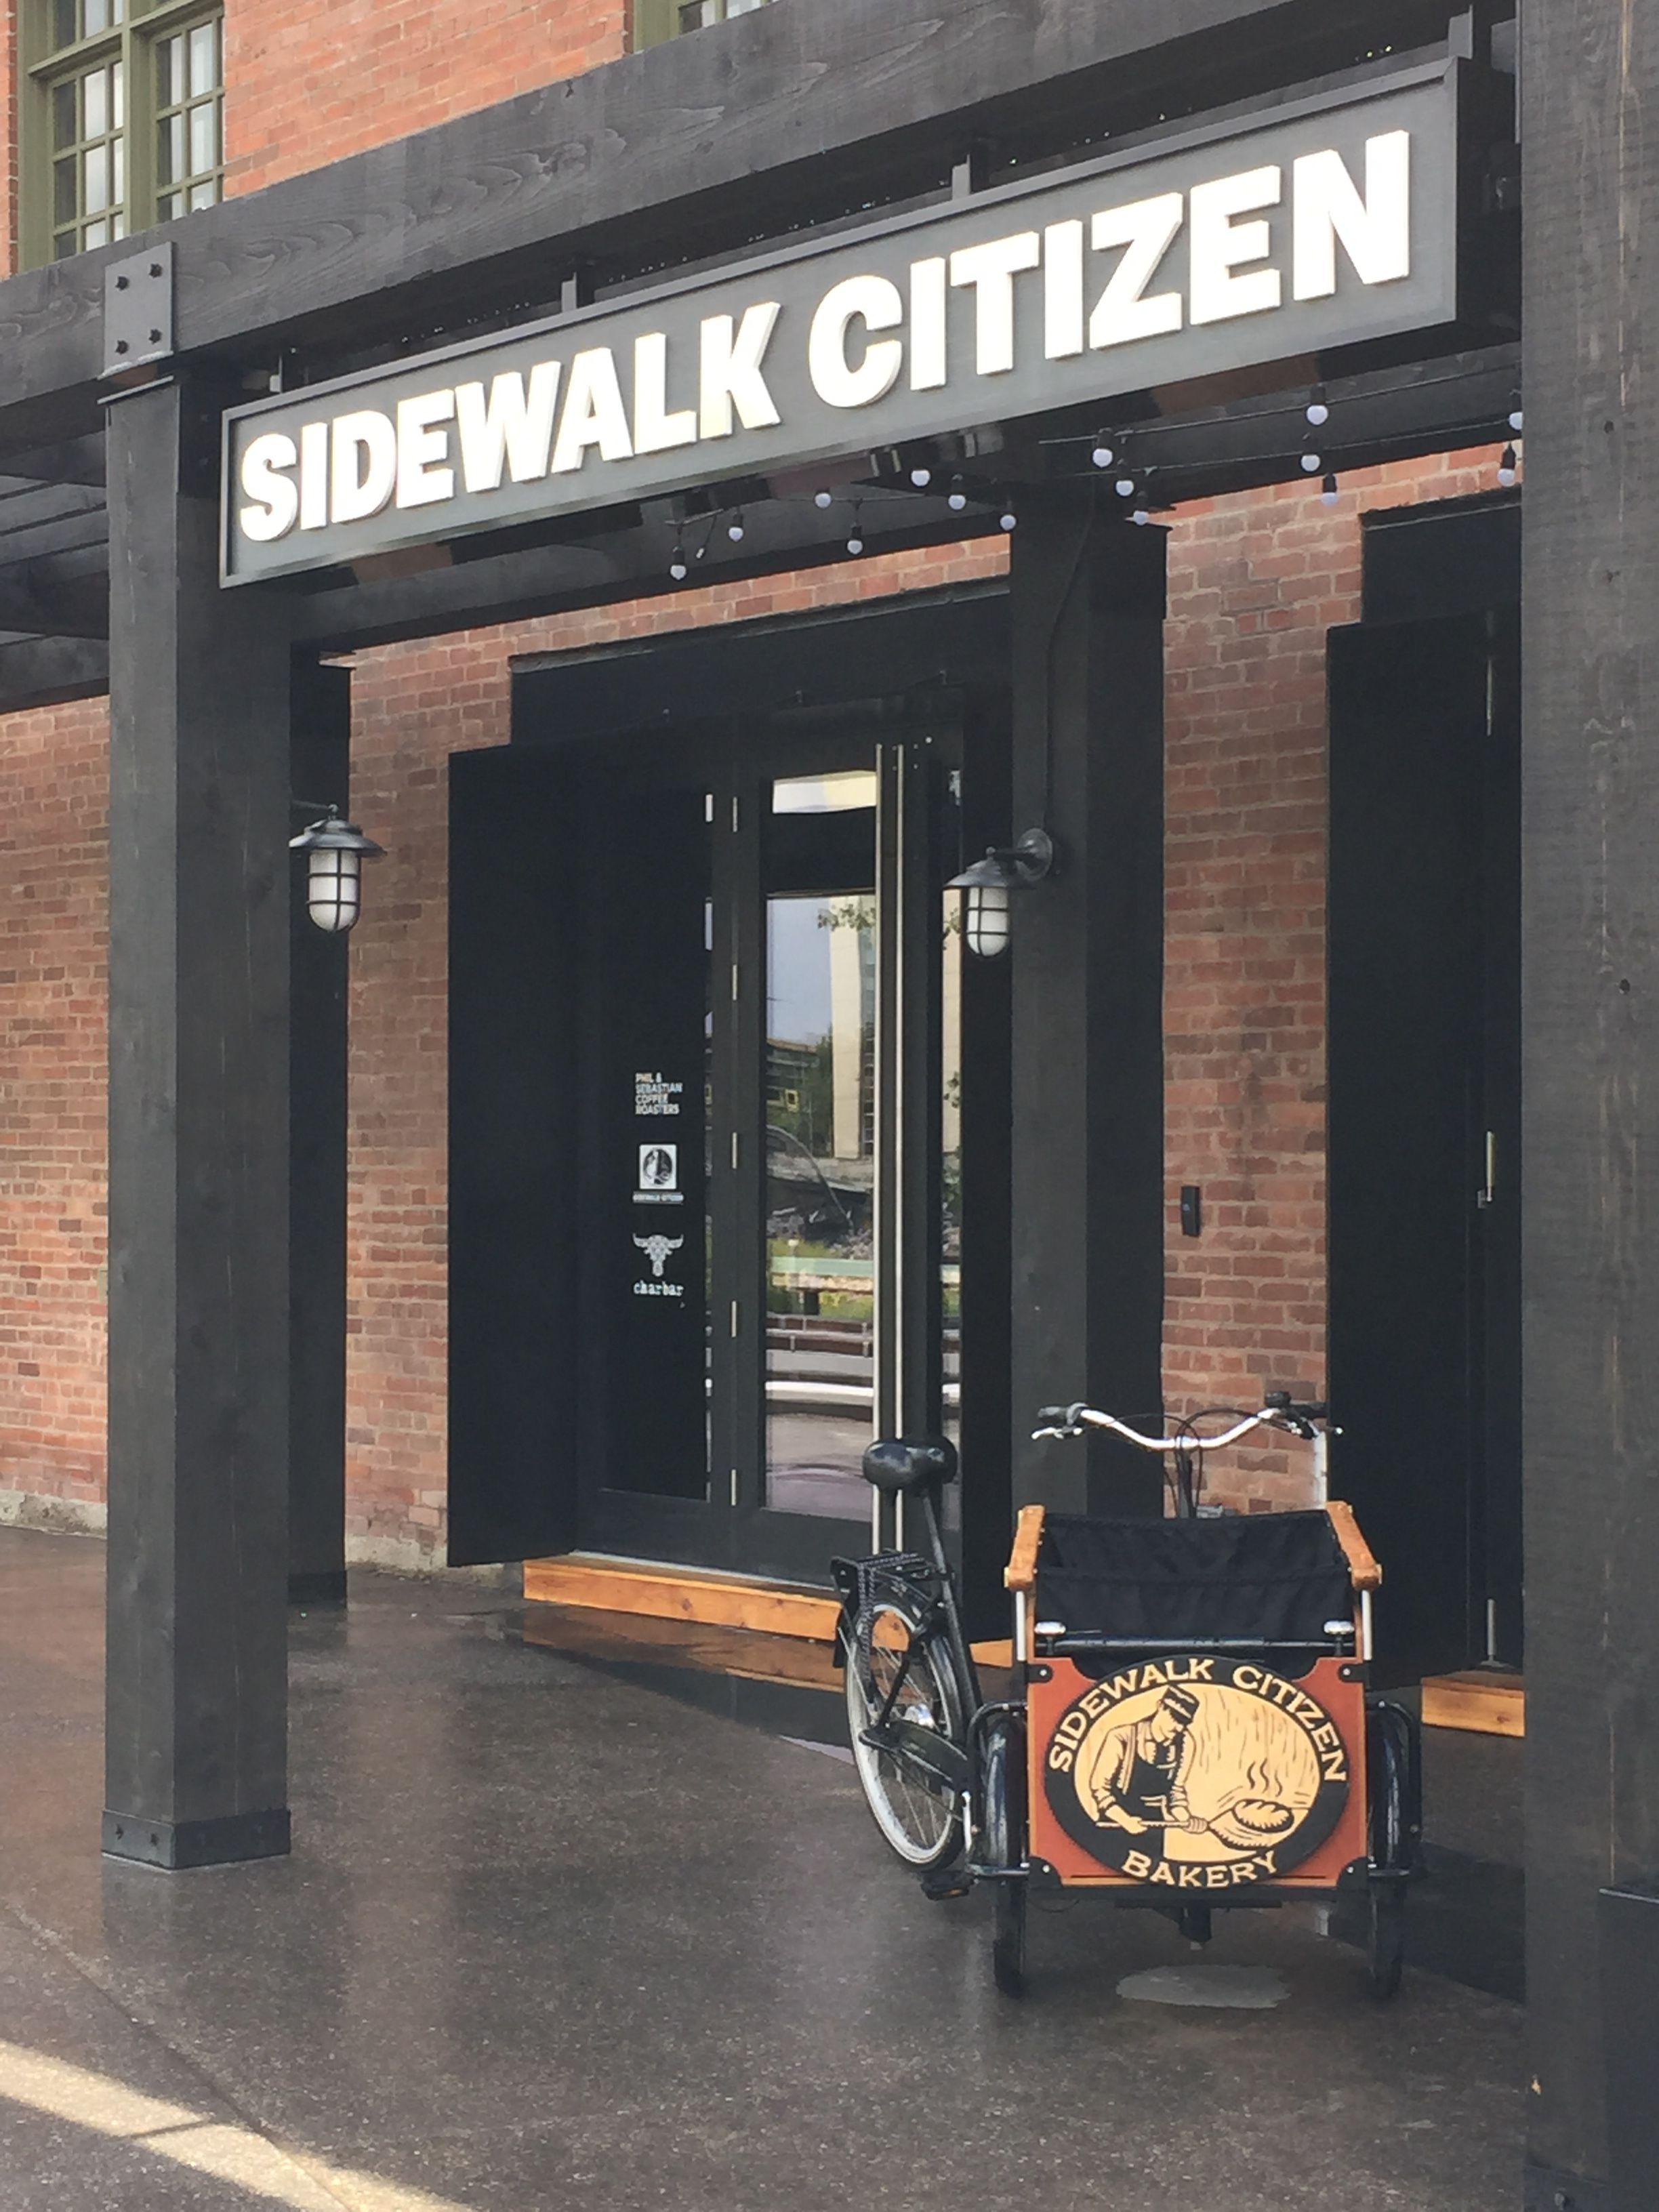 The Sidewalk Citizen Bakery is NOW open in Downtown